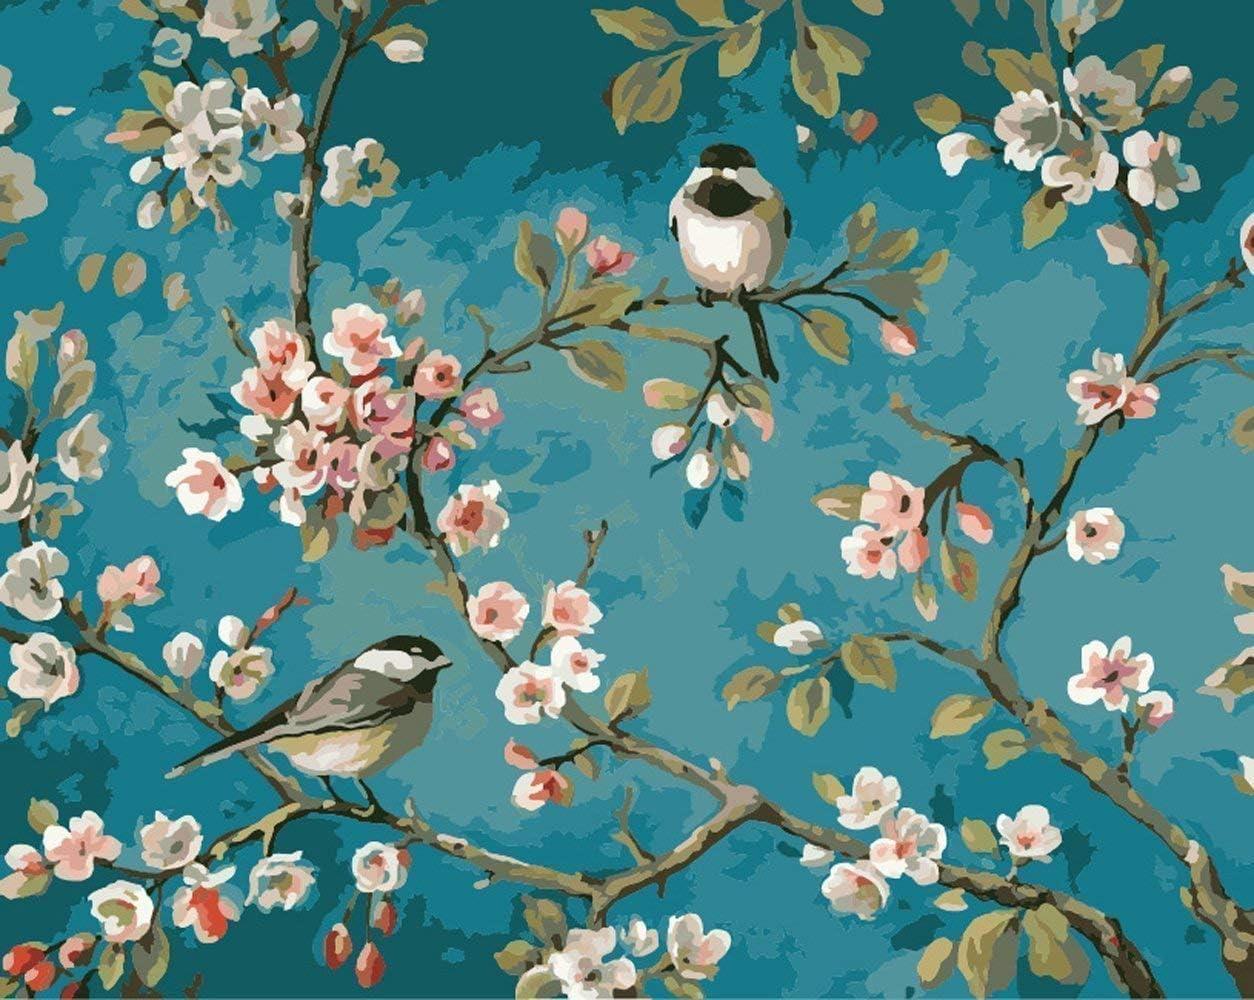 YXQSED [Rahmenlos] DIY Pintura por Números Pint por Número de Kits for Adultos Mayores Avanzada Niños Joven-pájaros en Las Ramas 16x20 Inch